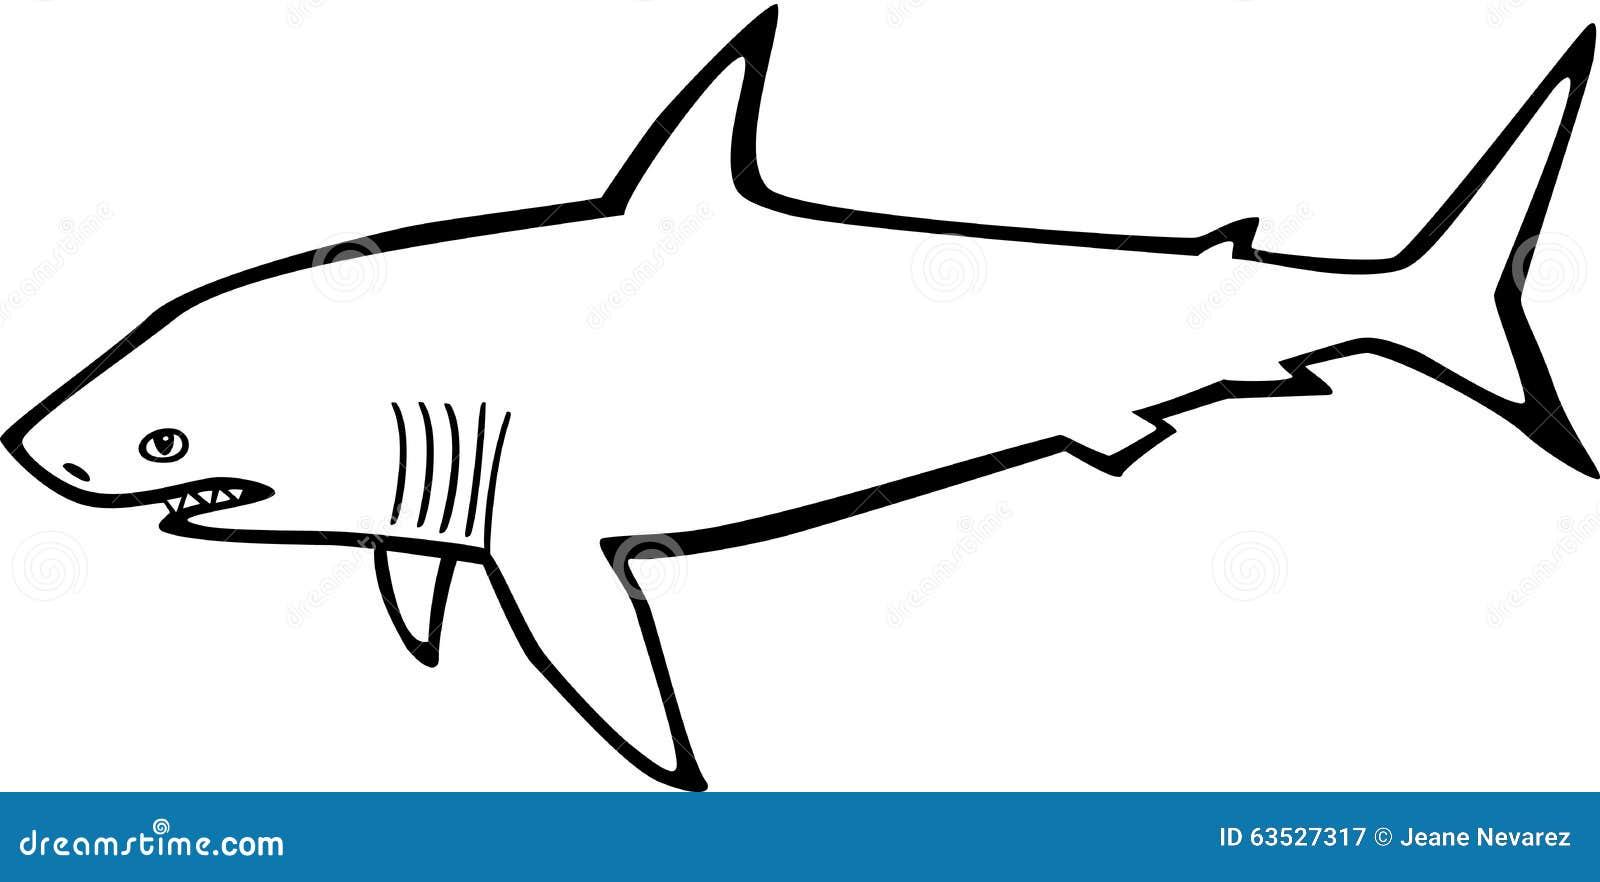 Tiburón ilustración del vector. Ilustración de cola, arte - 63527317